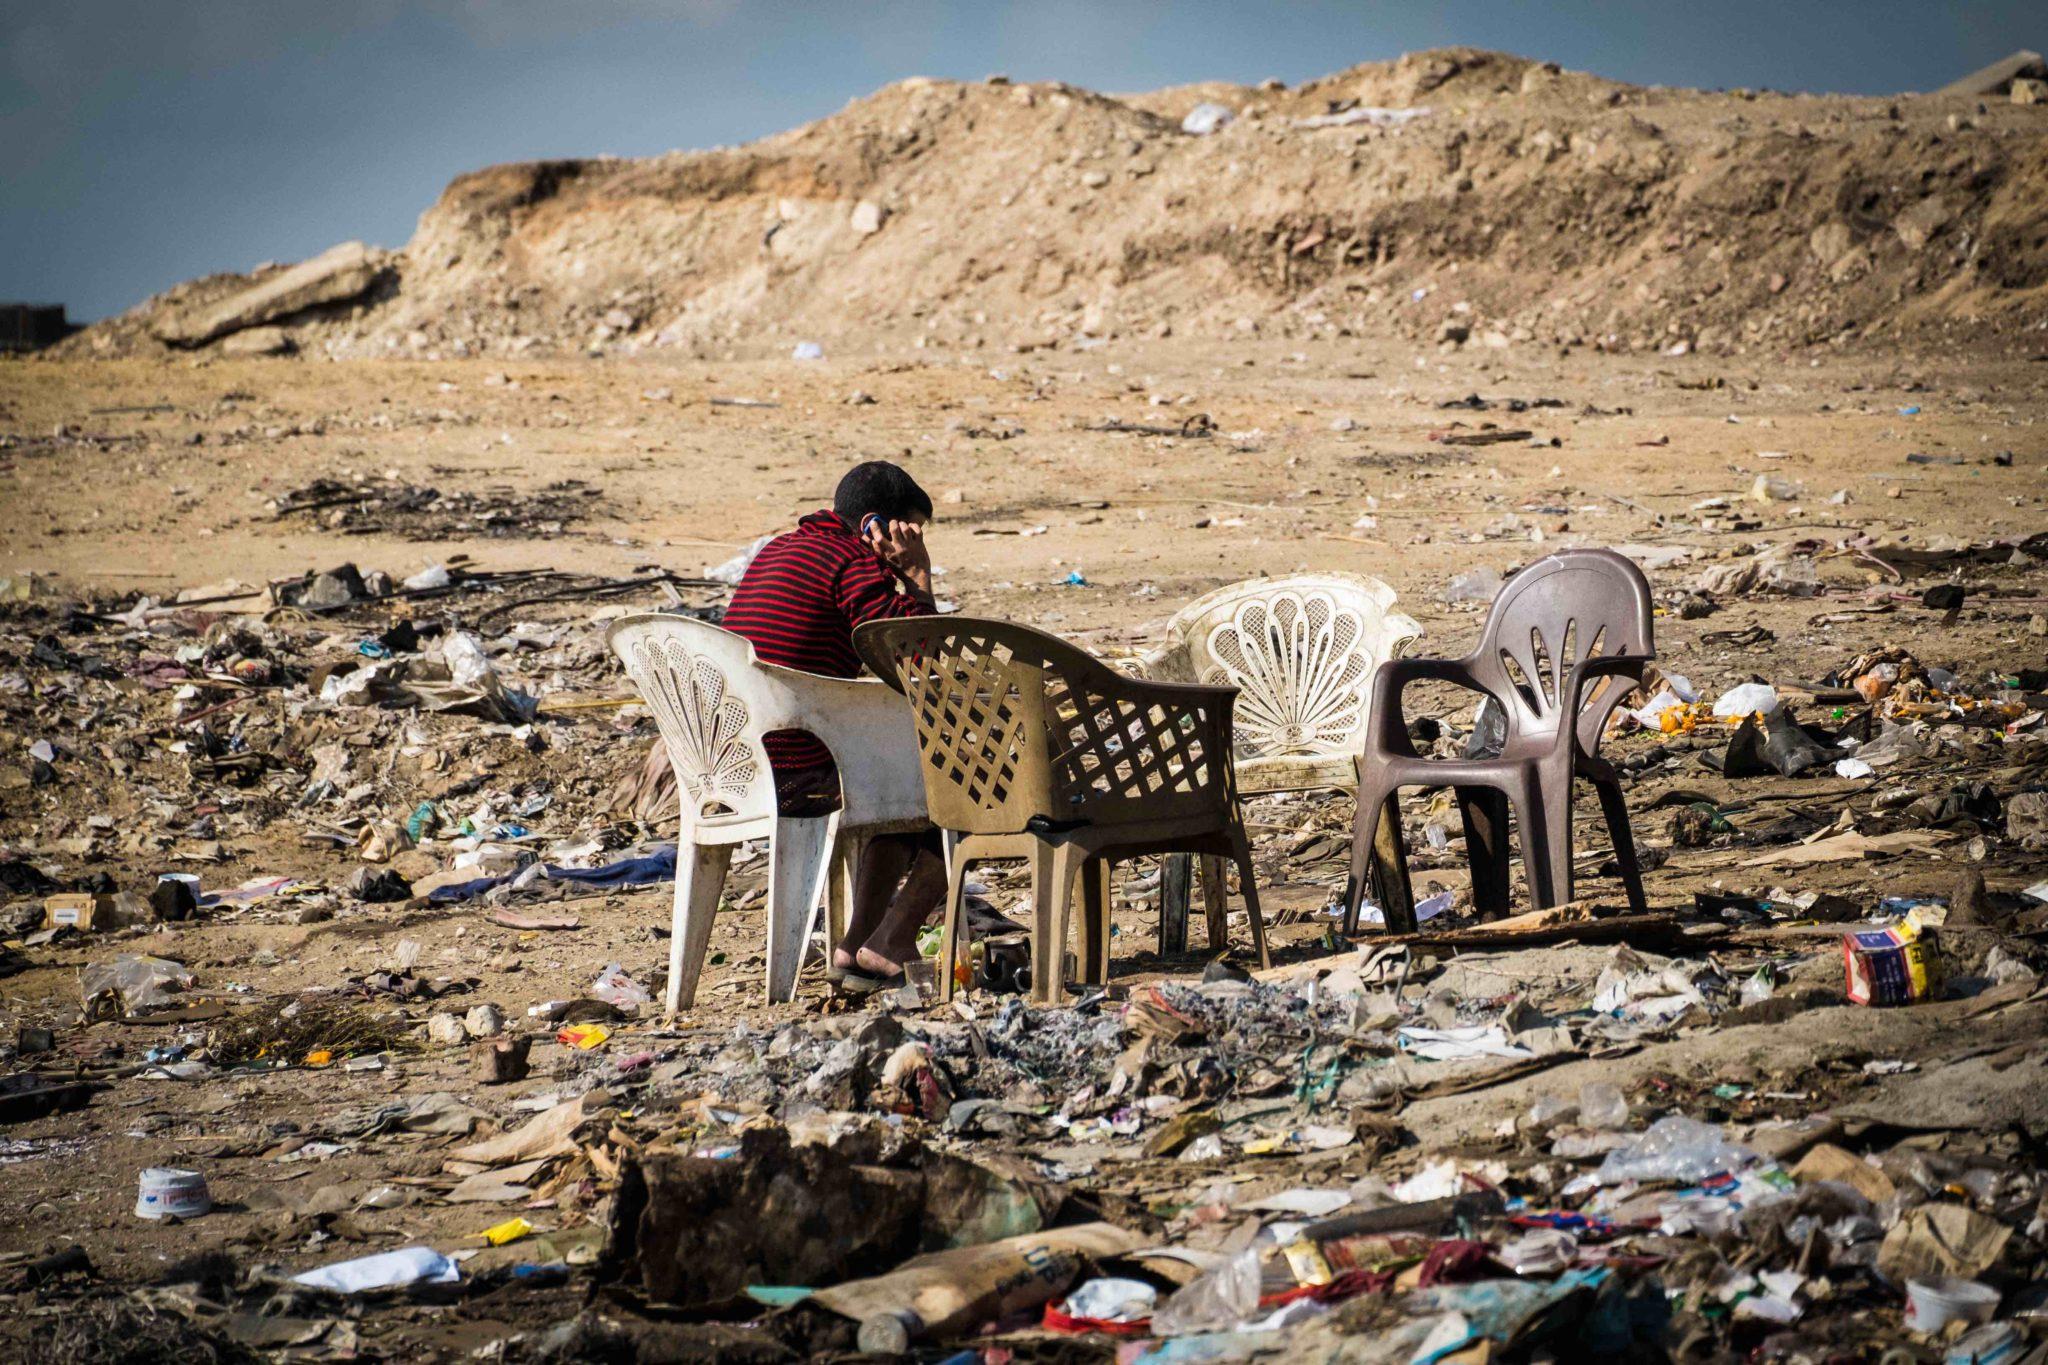 """Un uomo aspetta che gli venga servito un tè, queste 4 sedie in mezzo all'immondizia rappresentano uno dei """"caffè"""" di Muqattam. Foto di Angelo Calianno su licenza CC."""